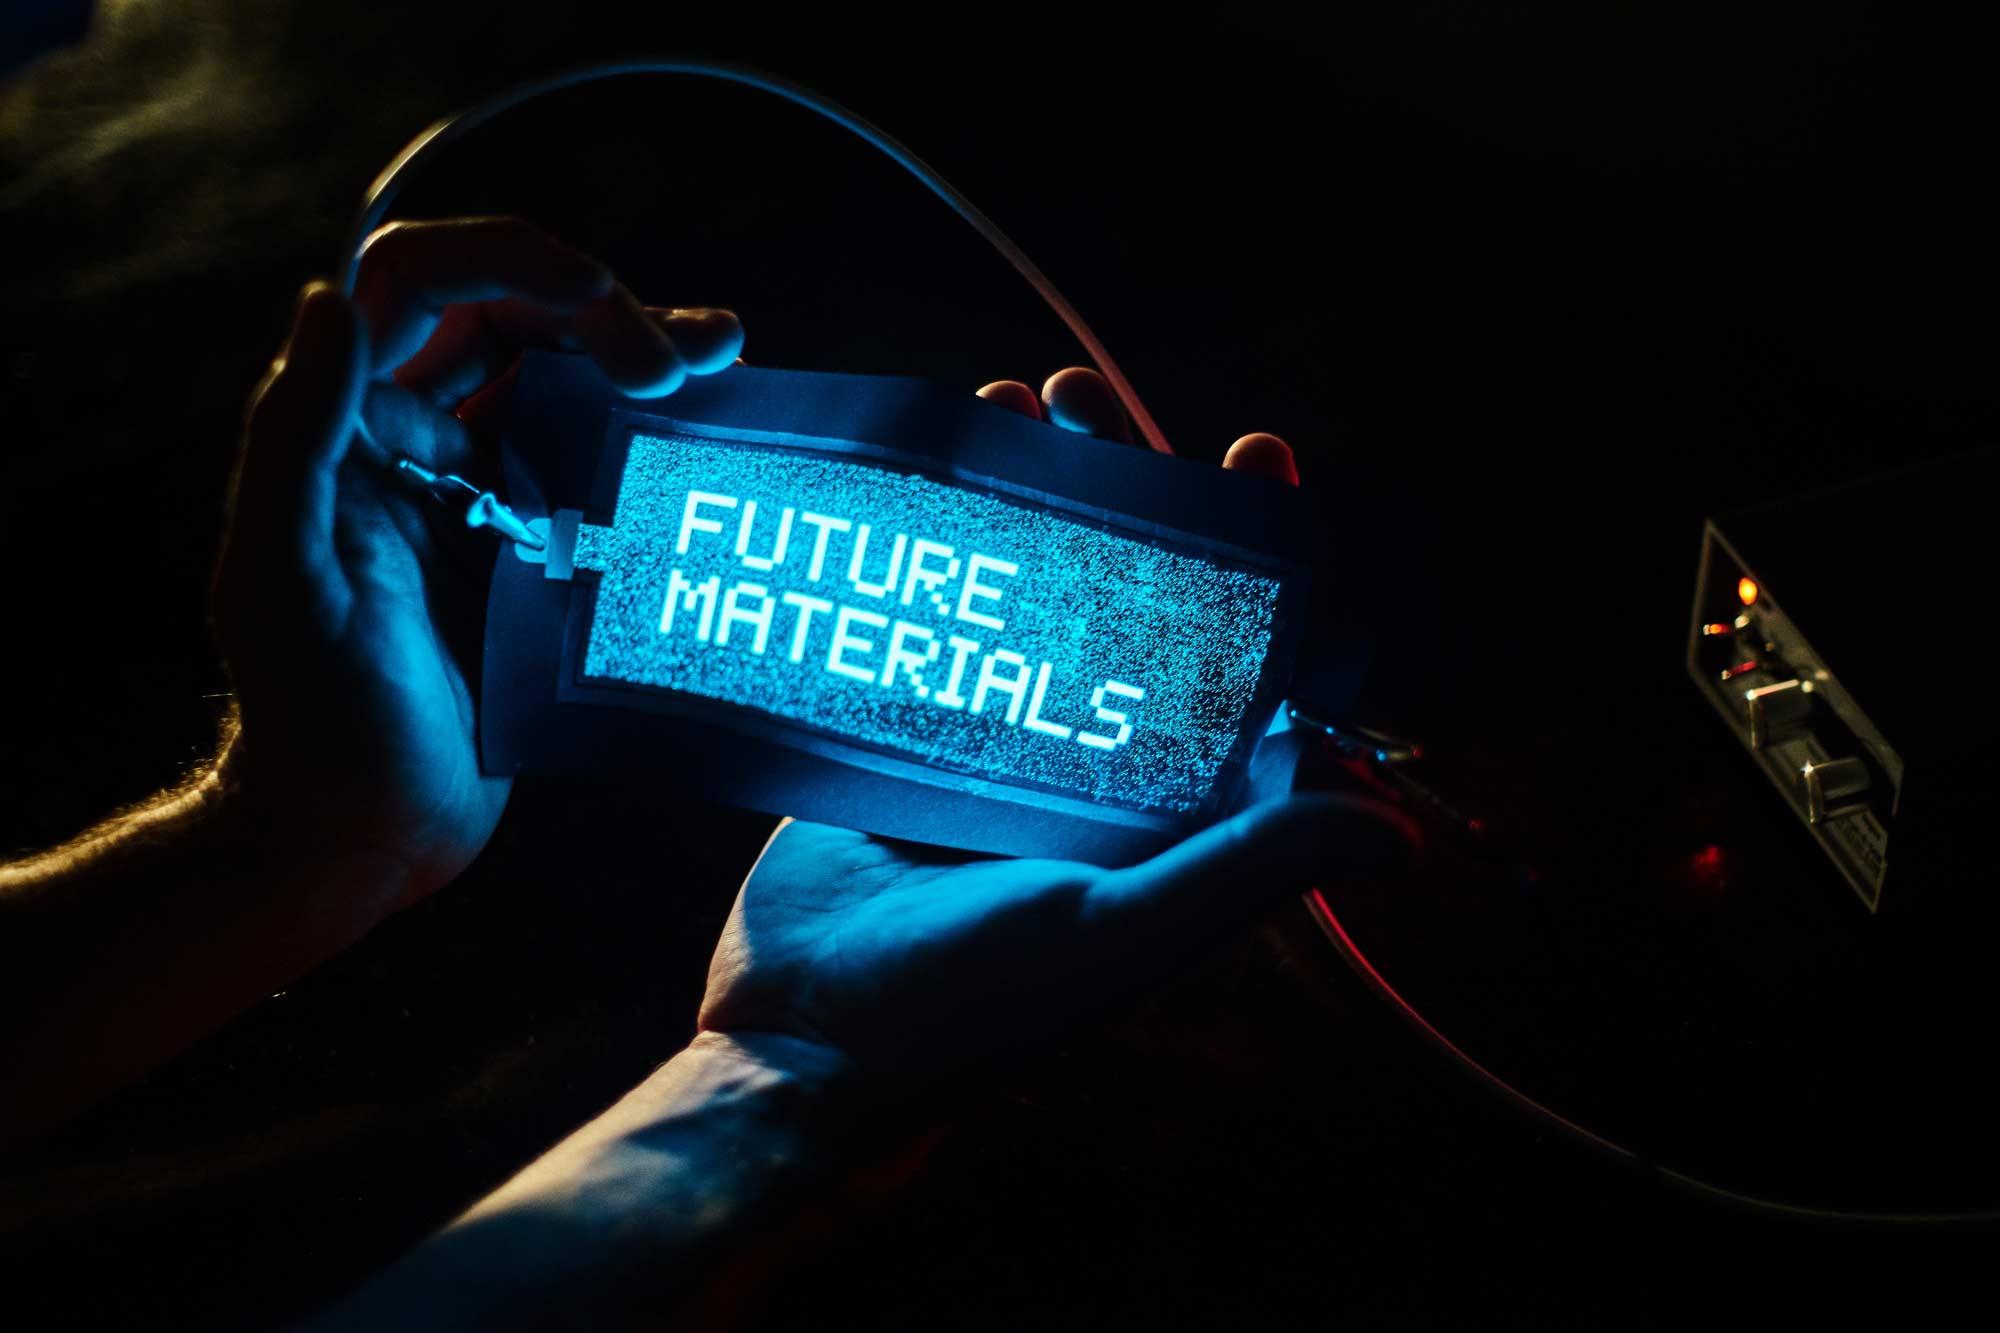 Архитектура будущего в свете использования новейших материалов